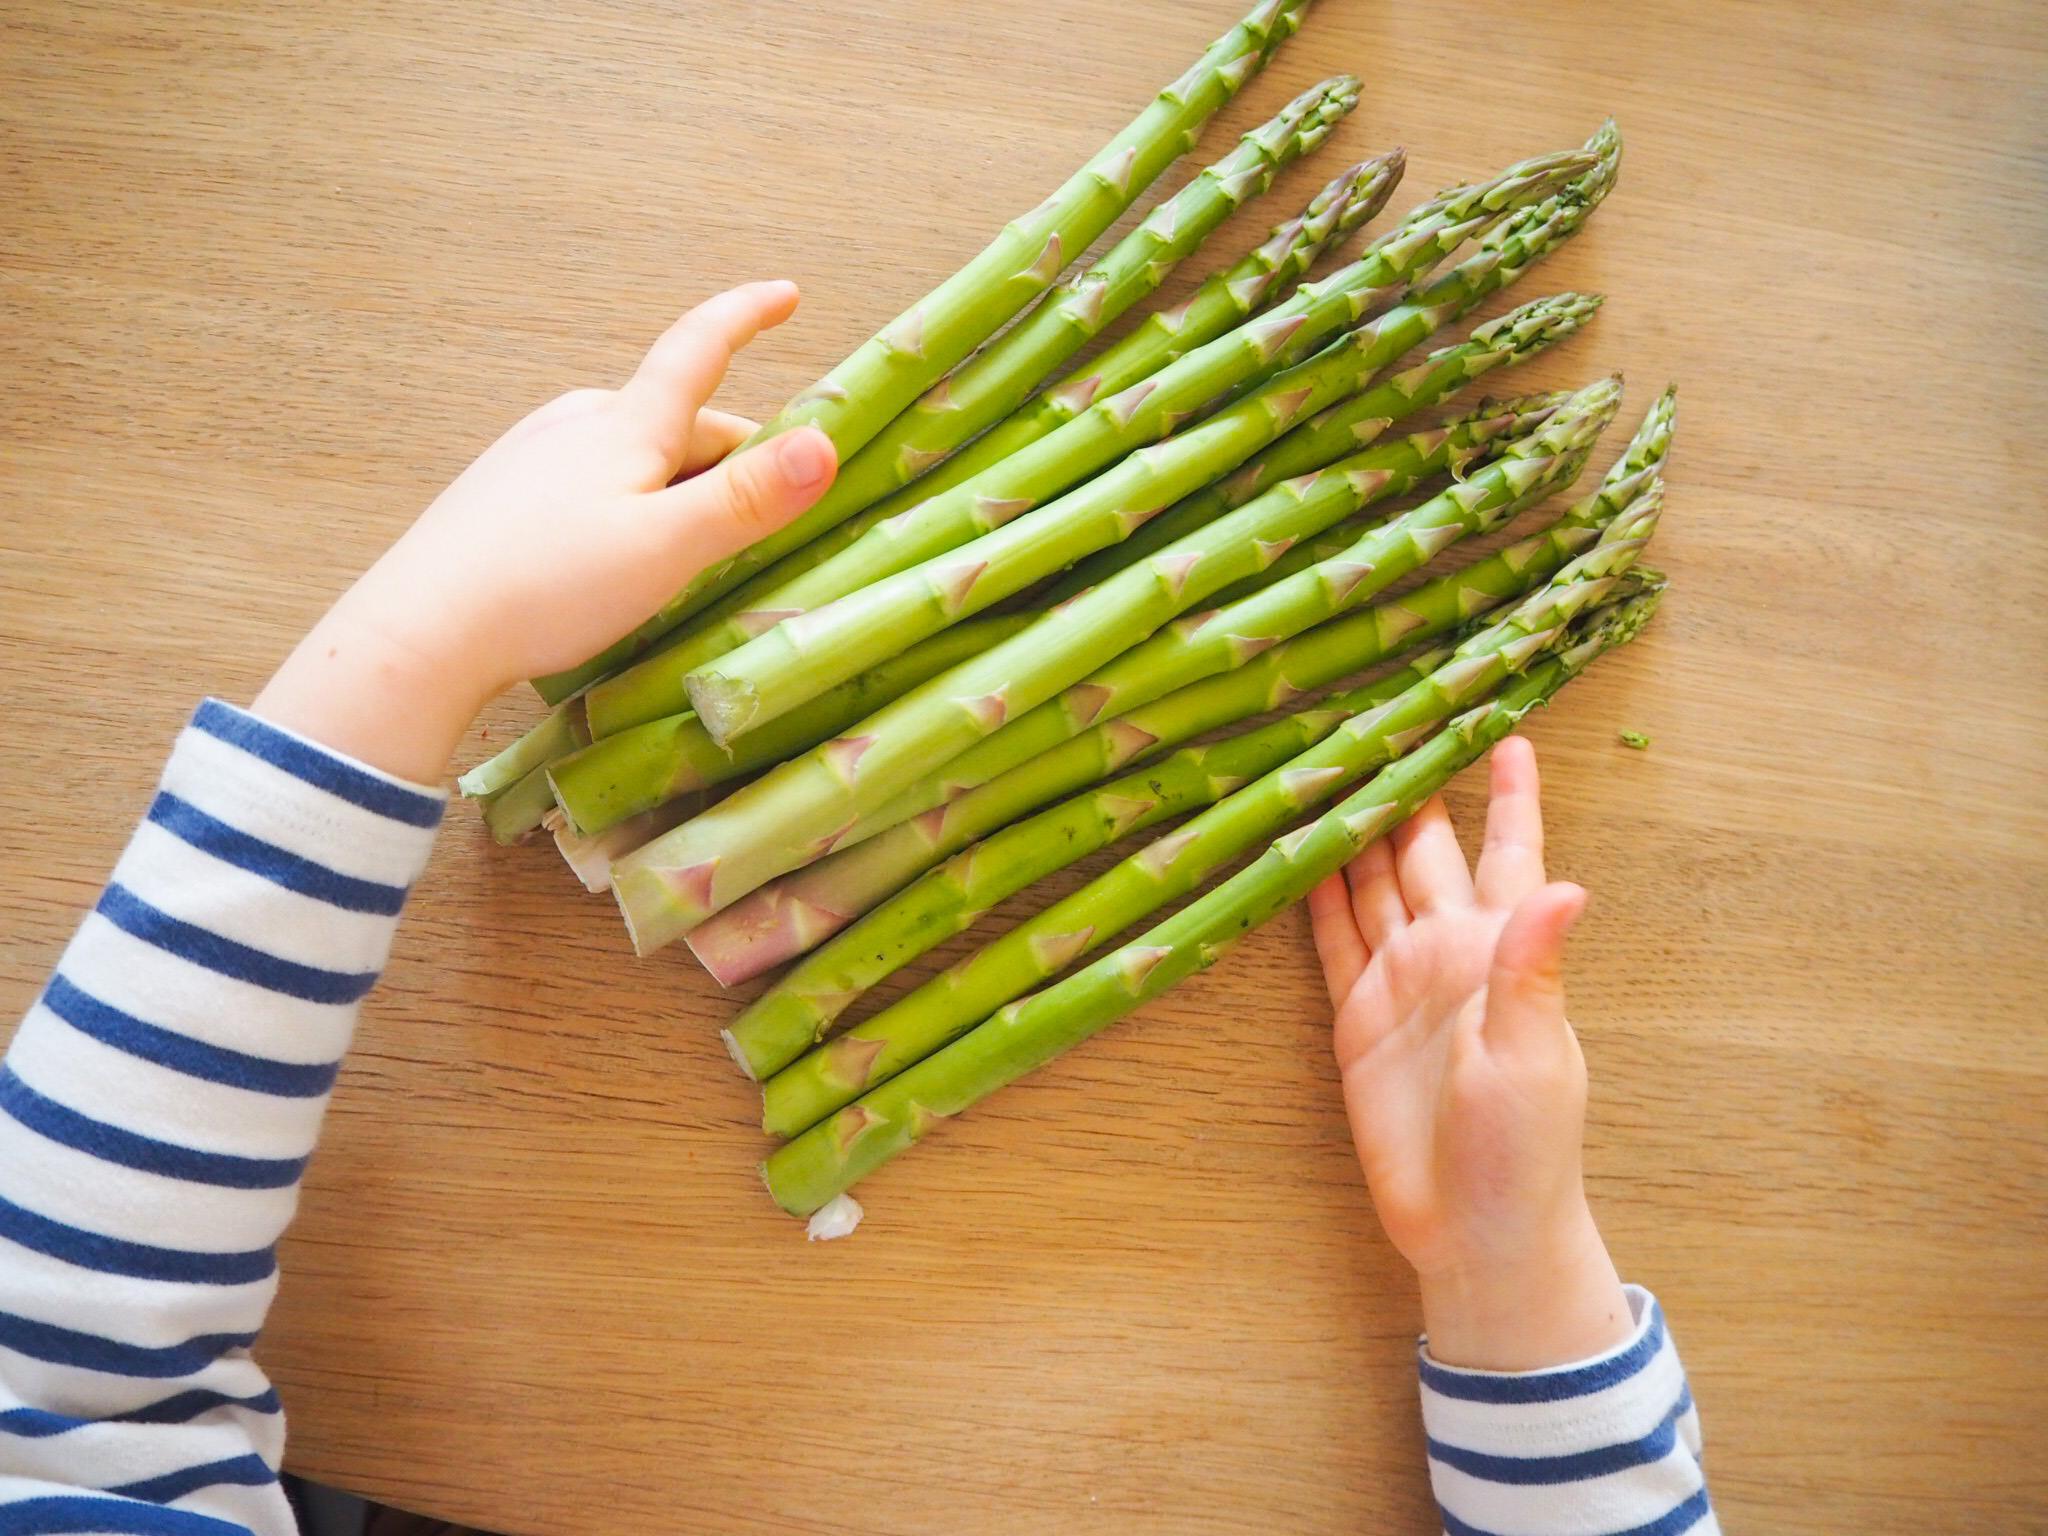 asparagusjemimahandsv2.jpg